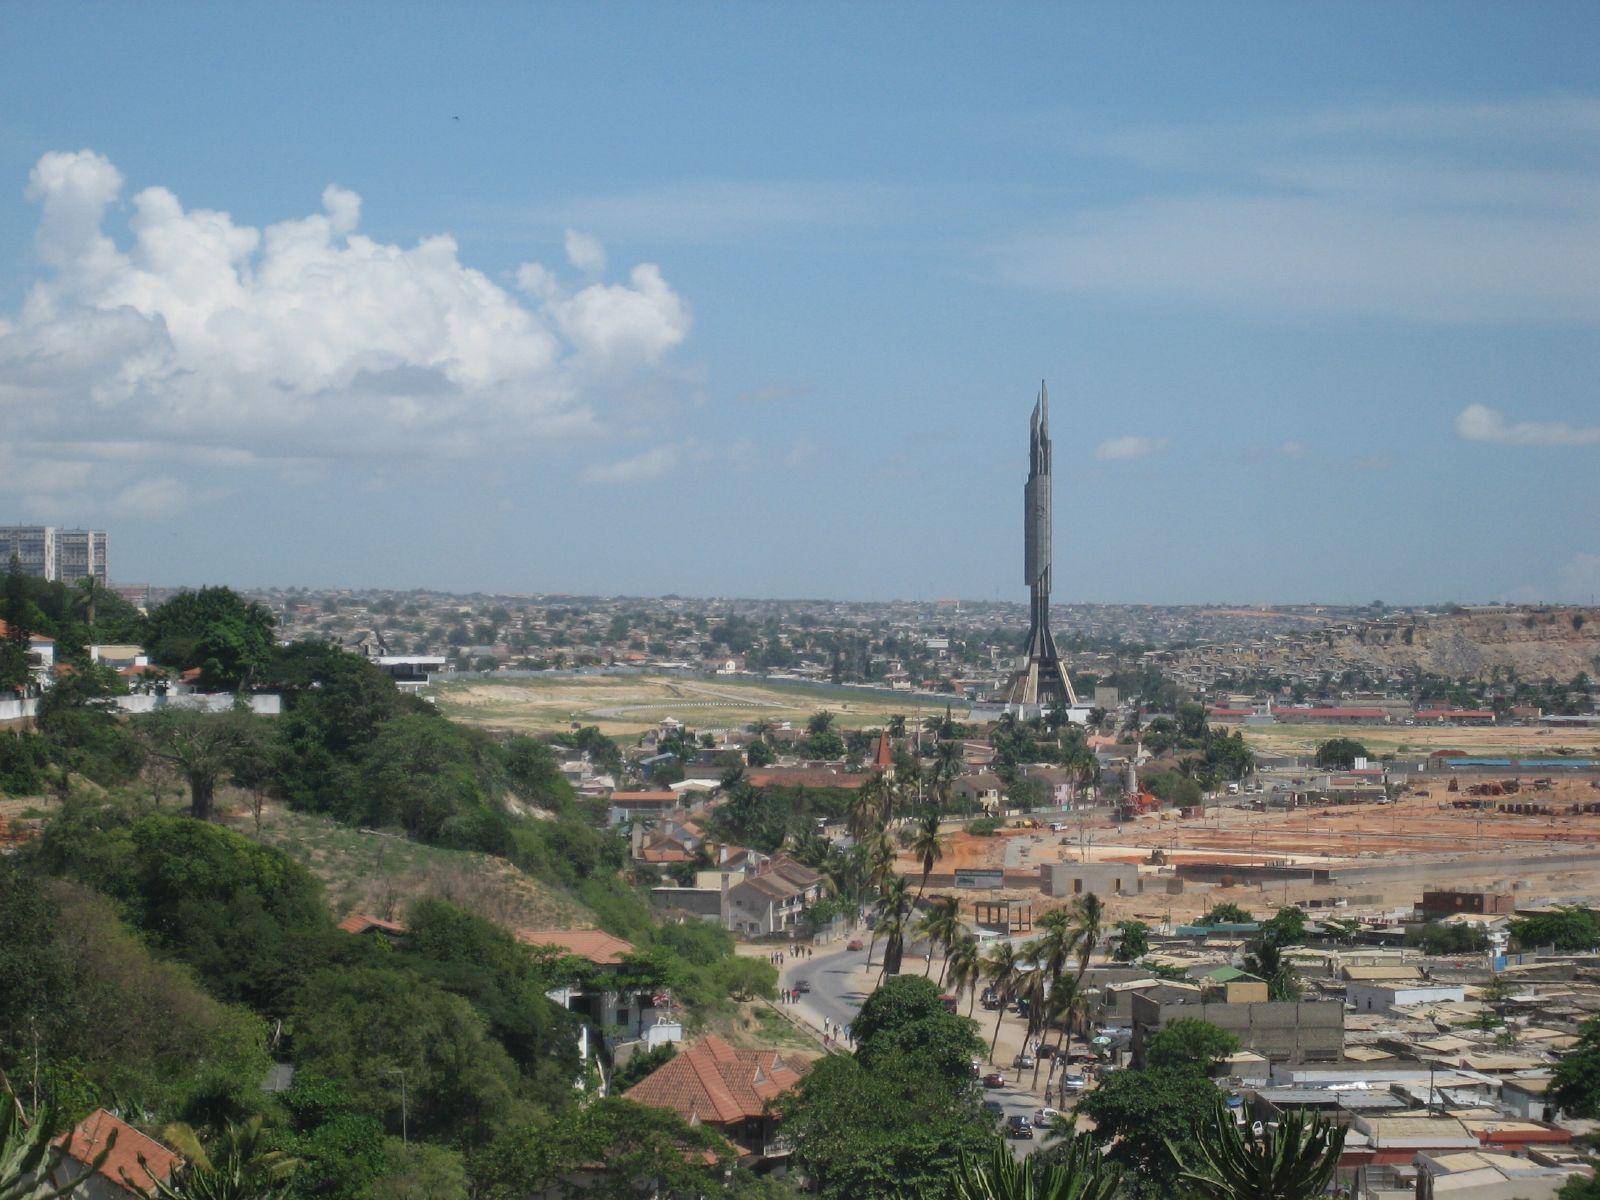 Paczki i przesyłki do Laudy stolicy Angoli